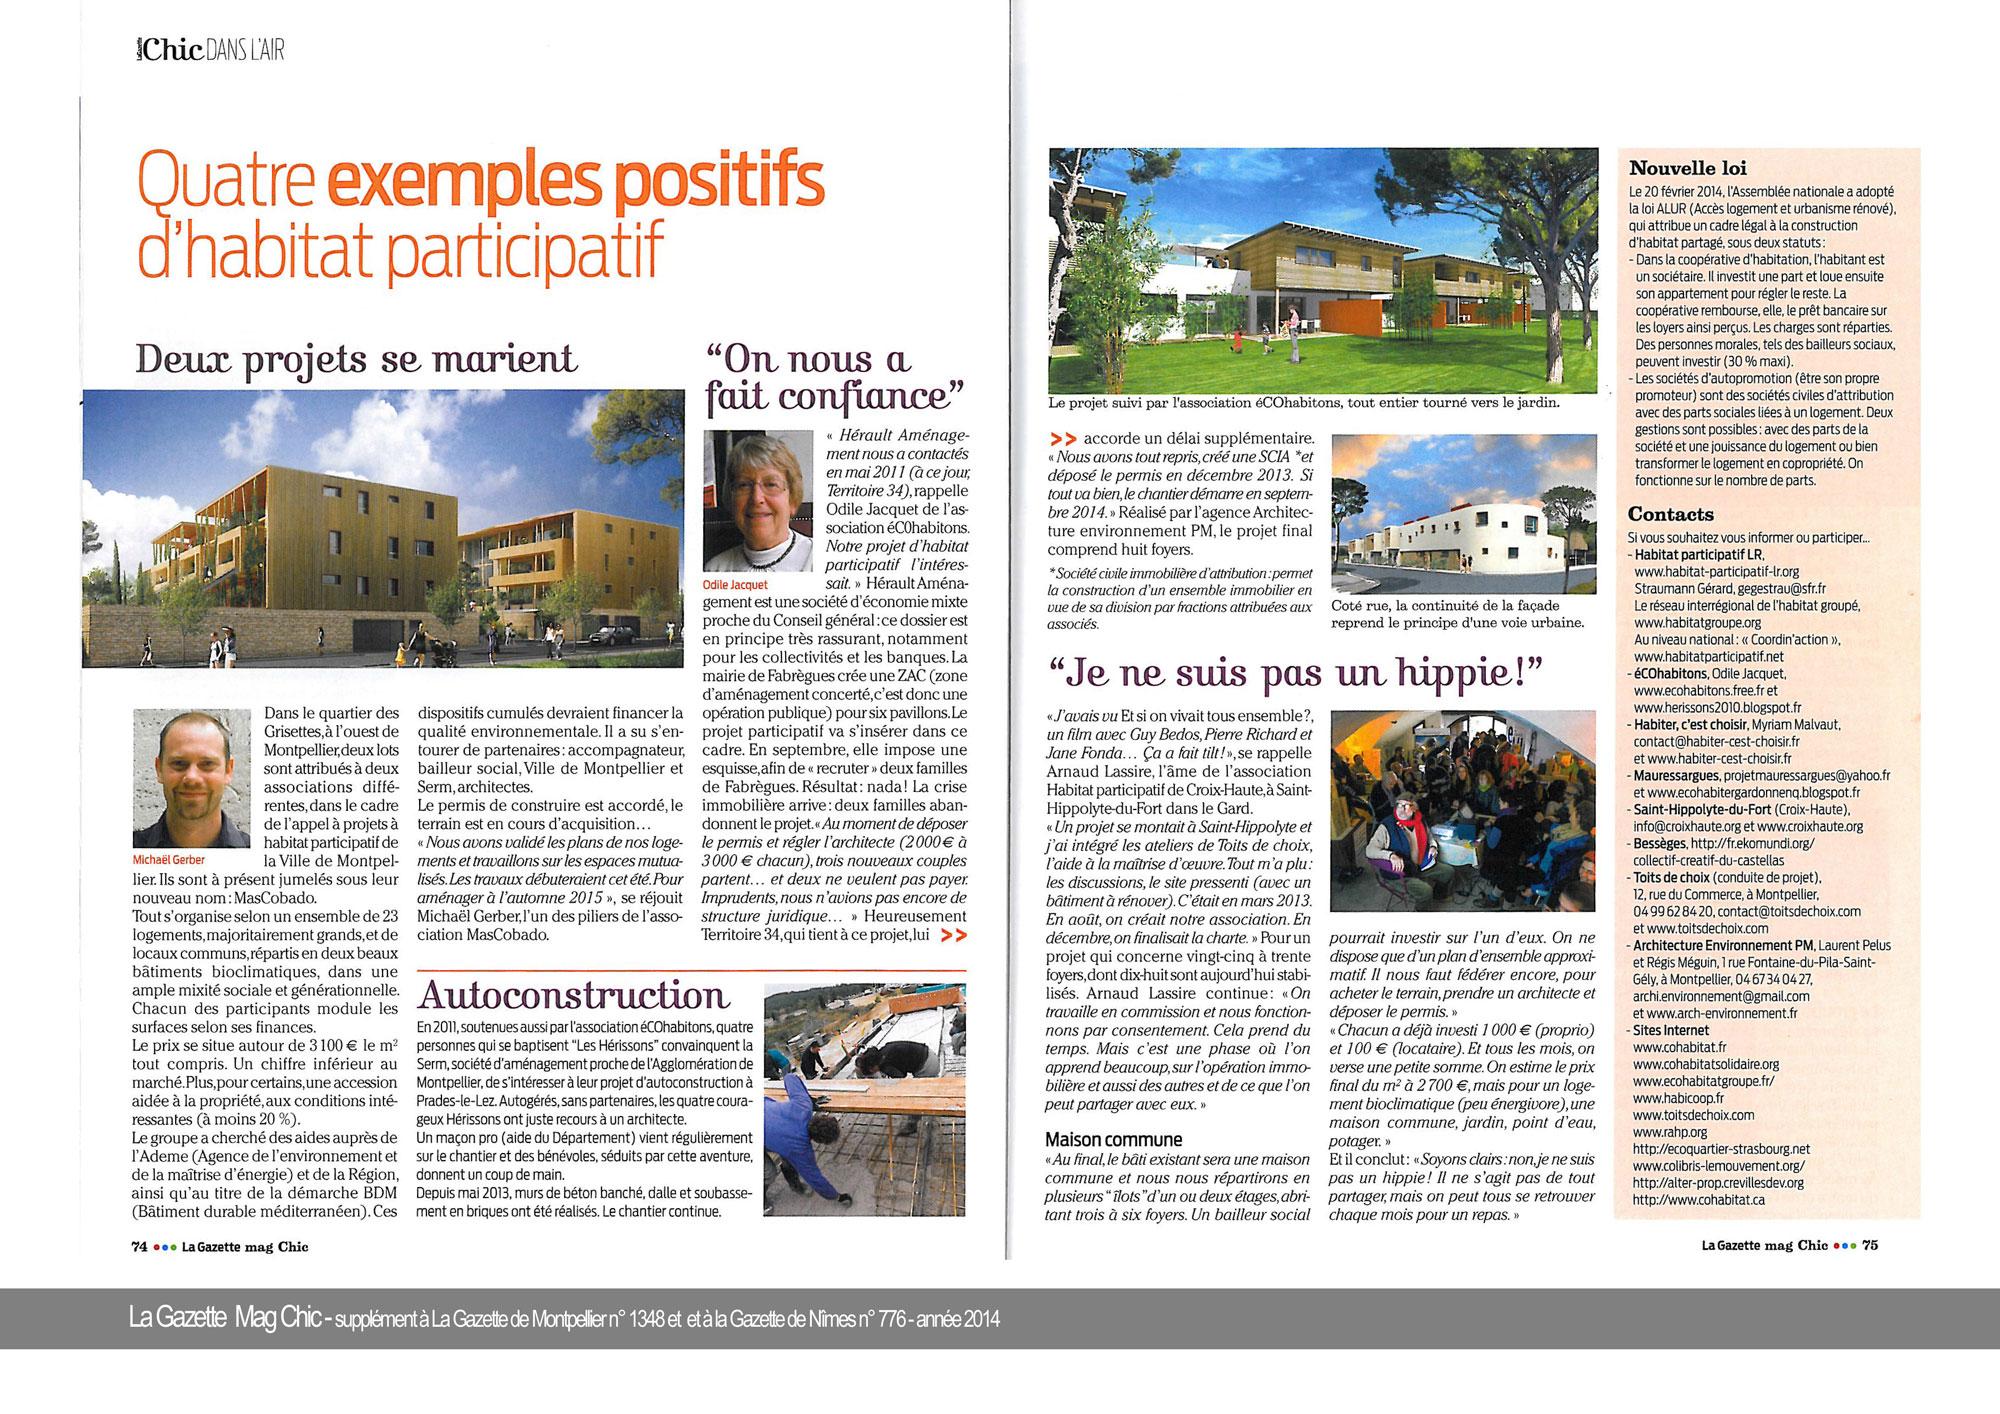 la-gazette-mag-chic_avril-2014_quatre-exemples-positifs-dhabitat-participatif